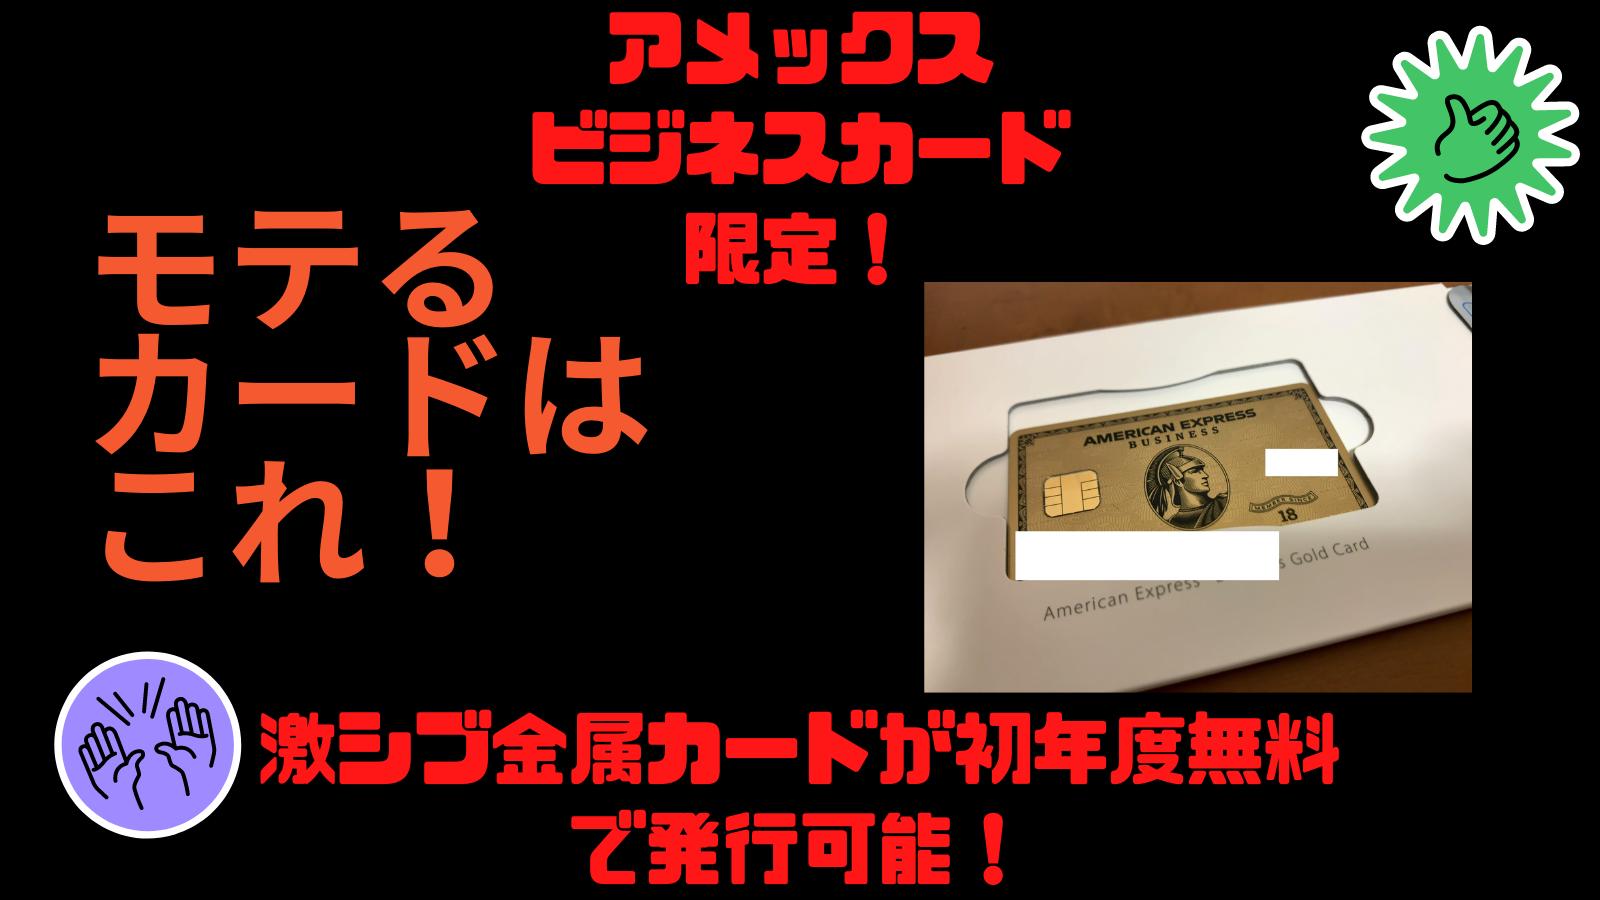 モテたい友人にアメックスを紹介したら「金属製」の激シブカードが届いた話